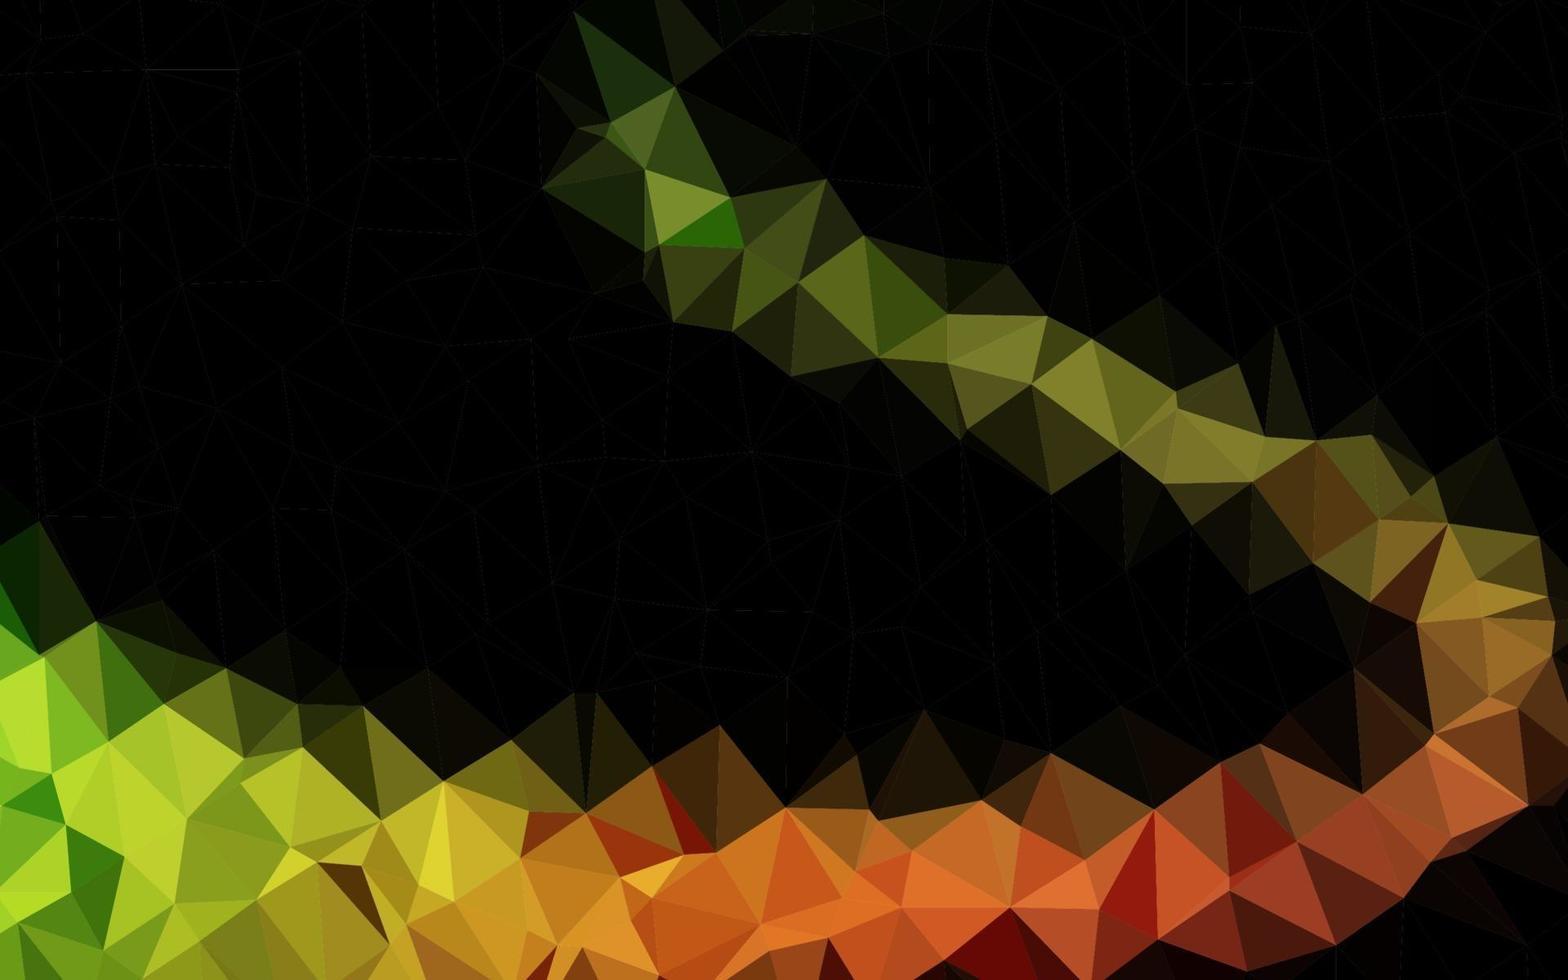 vetor verde escuro e vermelho brilhante modelo triangular.